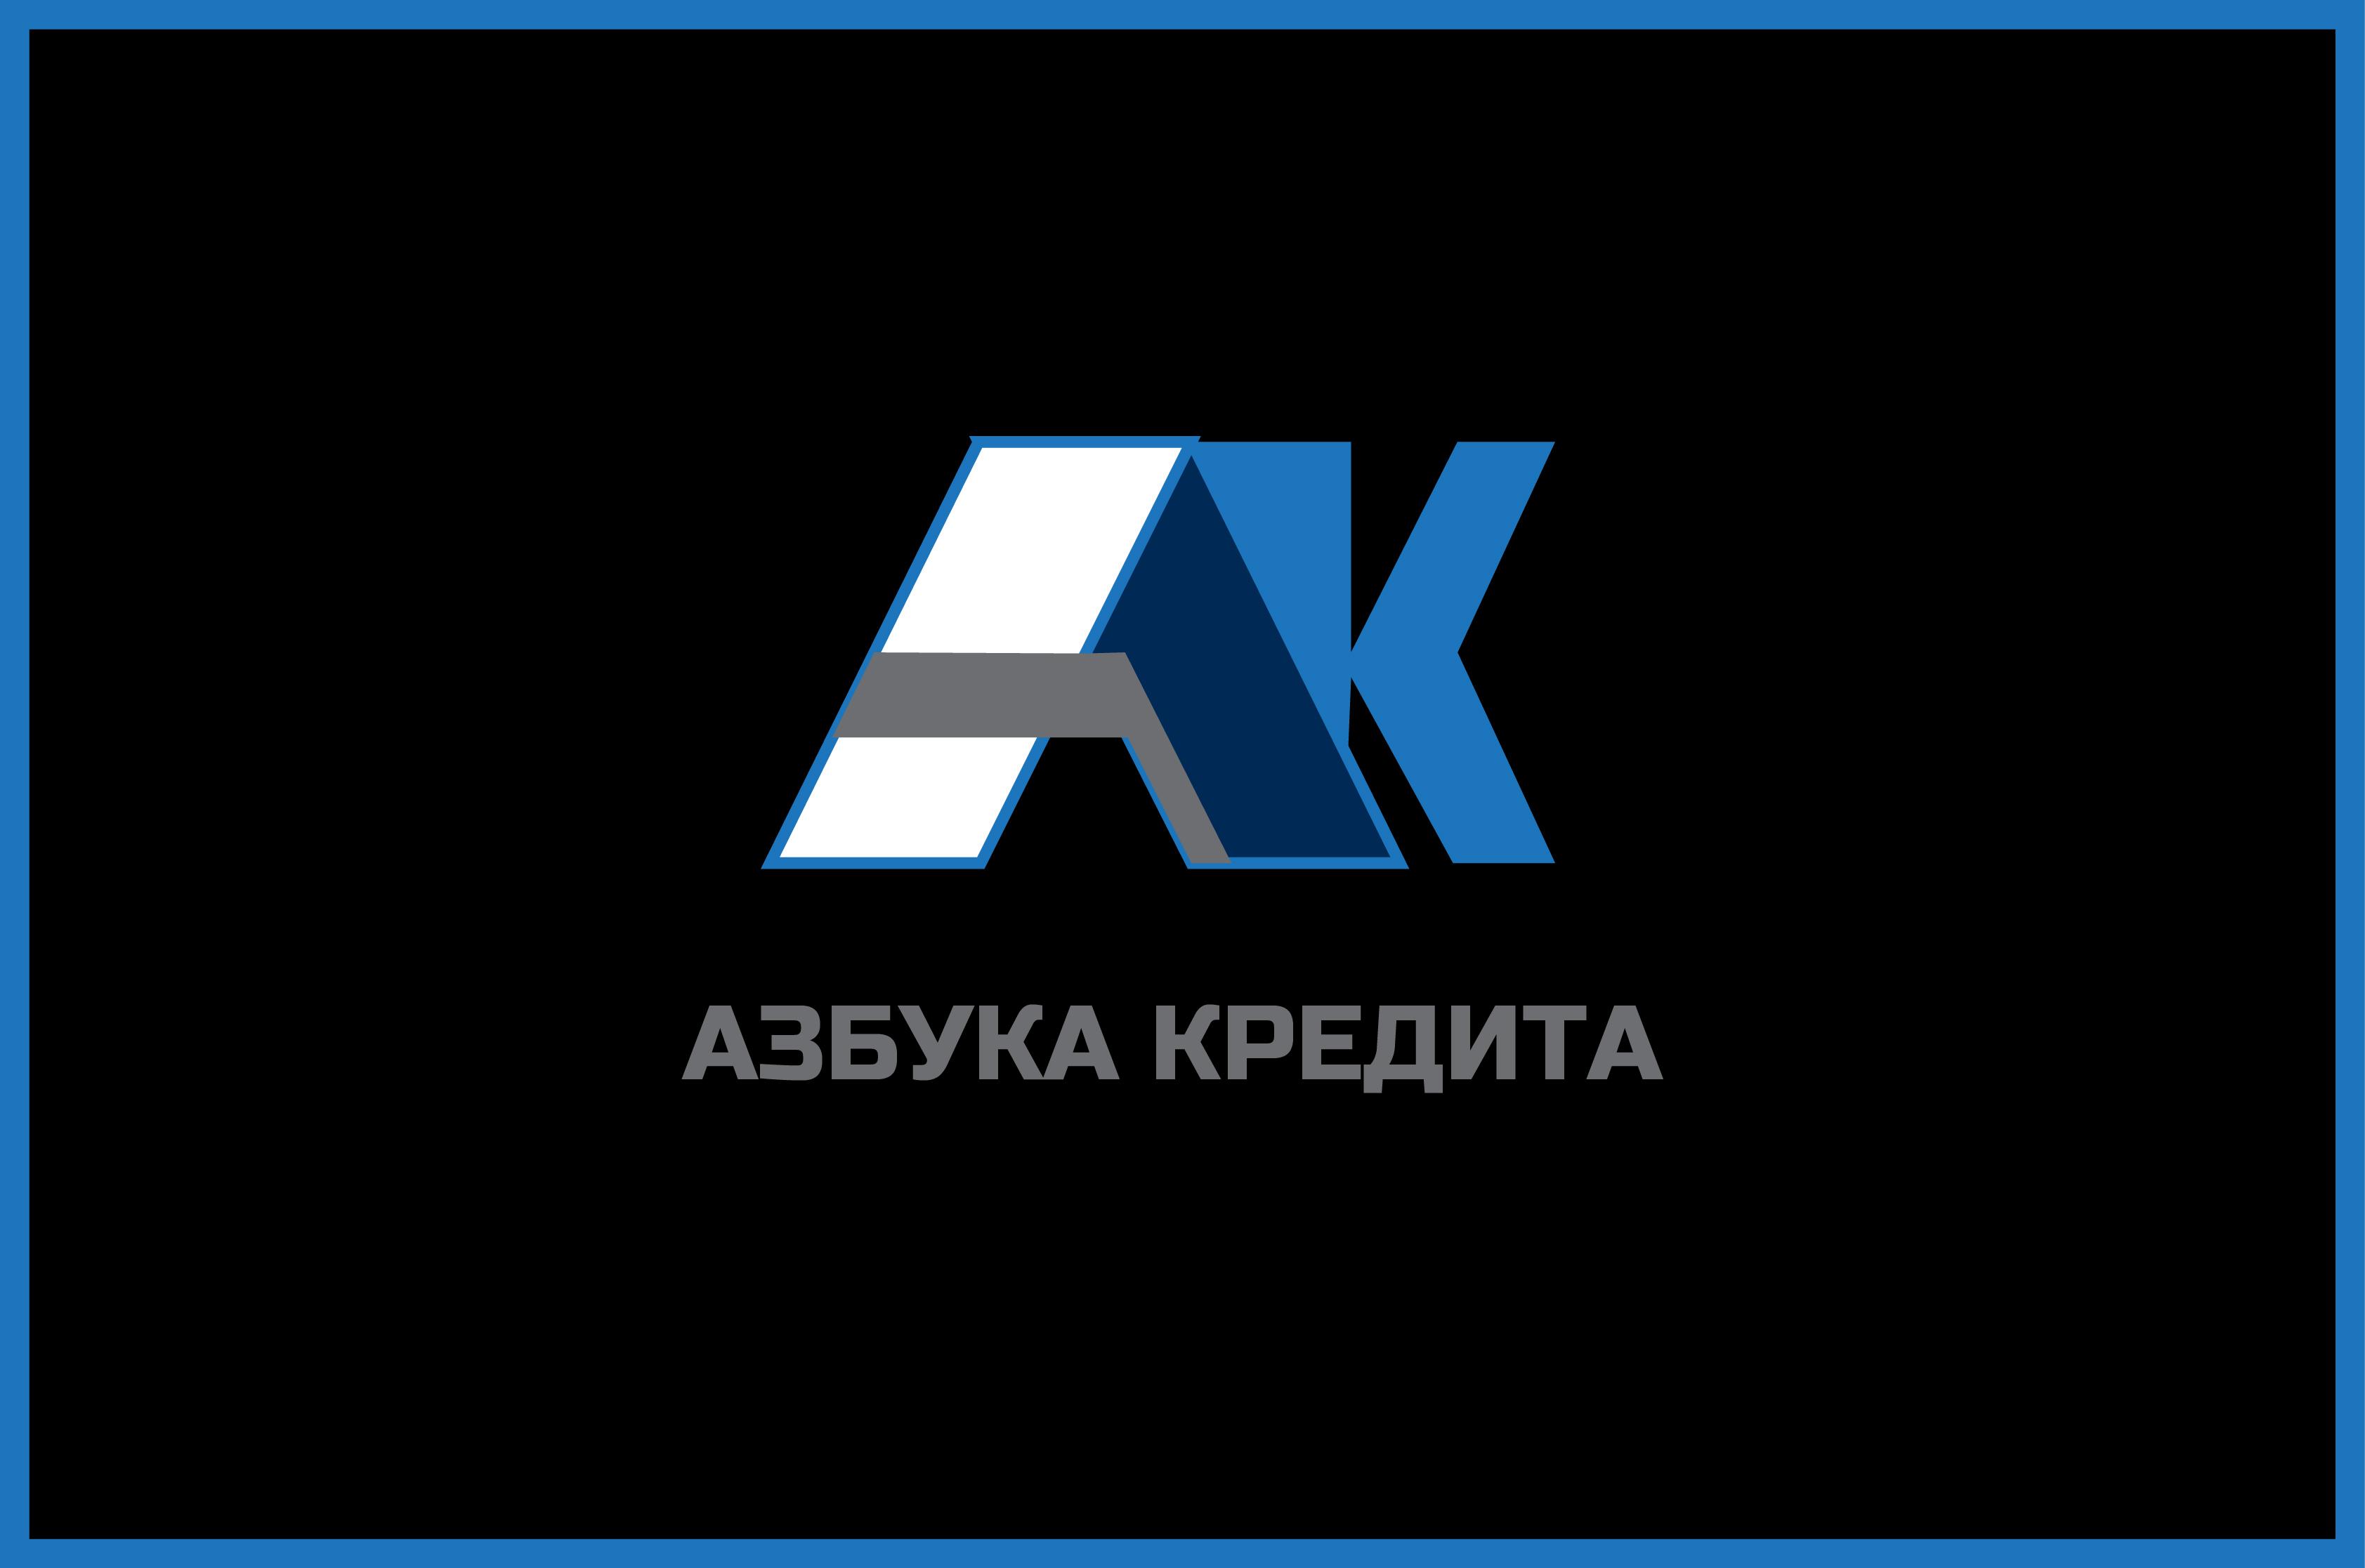 Разработать логотип для финансовой компании фото f_1645de8dcfe162eb.jpg